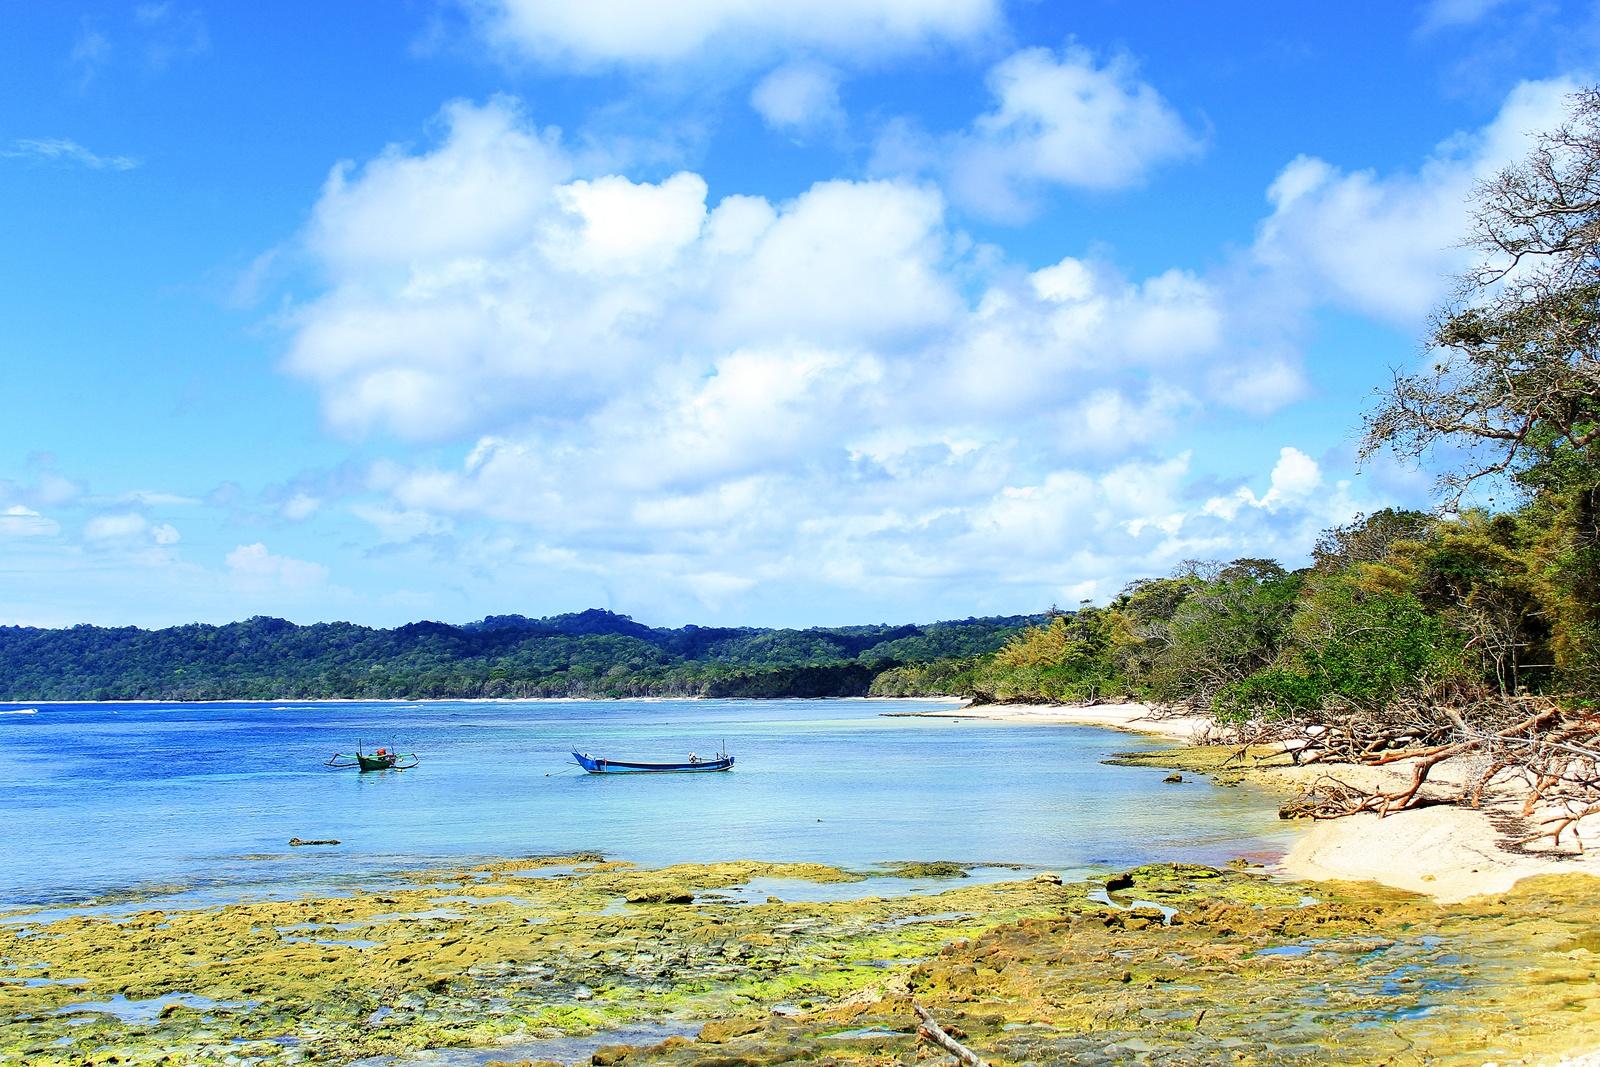 Jelajahi Pesona 6 Objek Wisata Pantai Banyuwangi Panduan Plengkung Sukamade